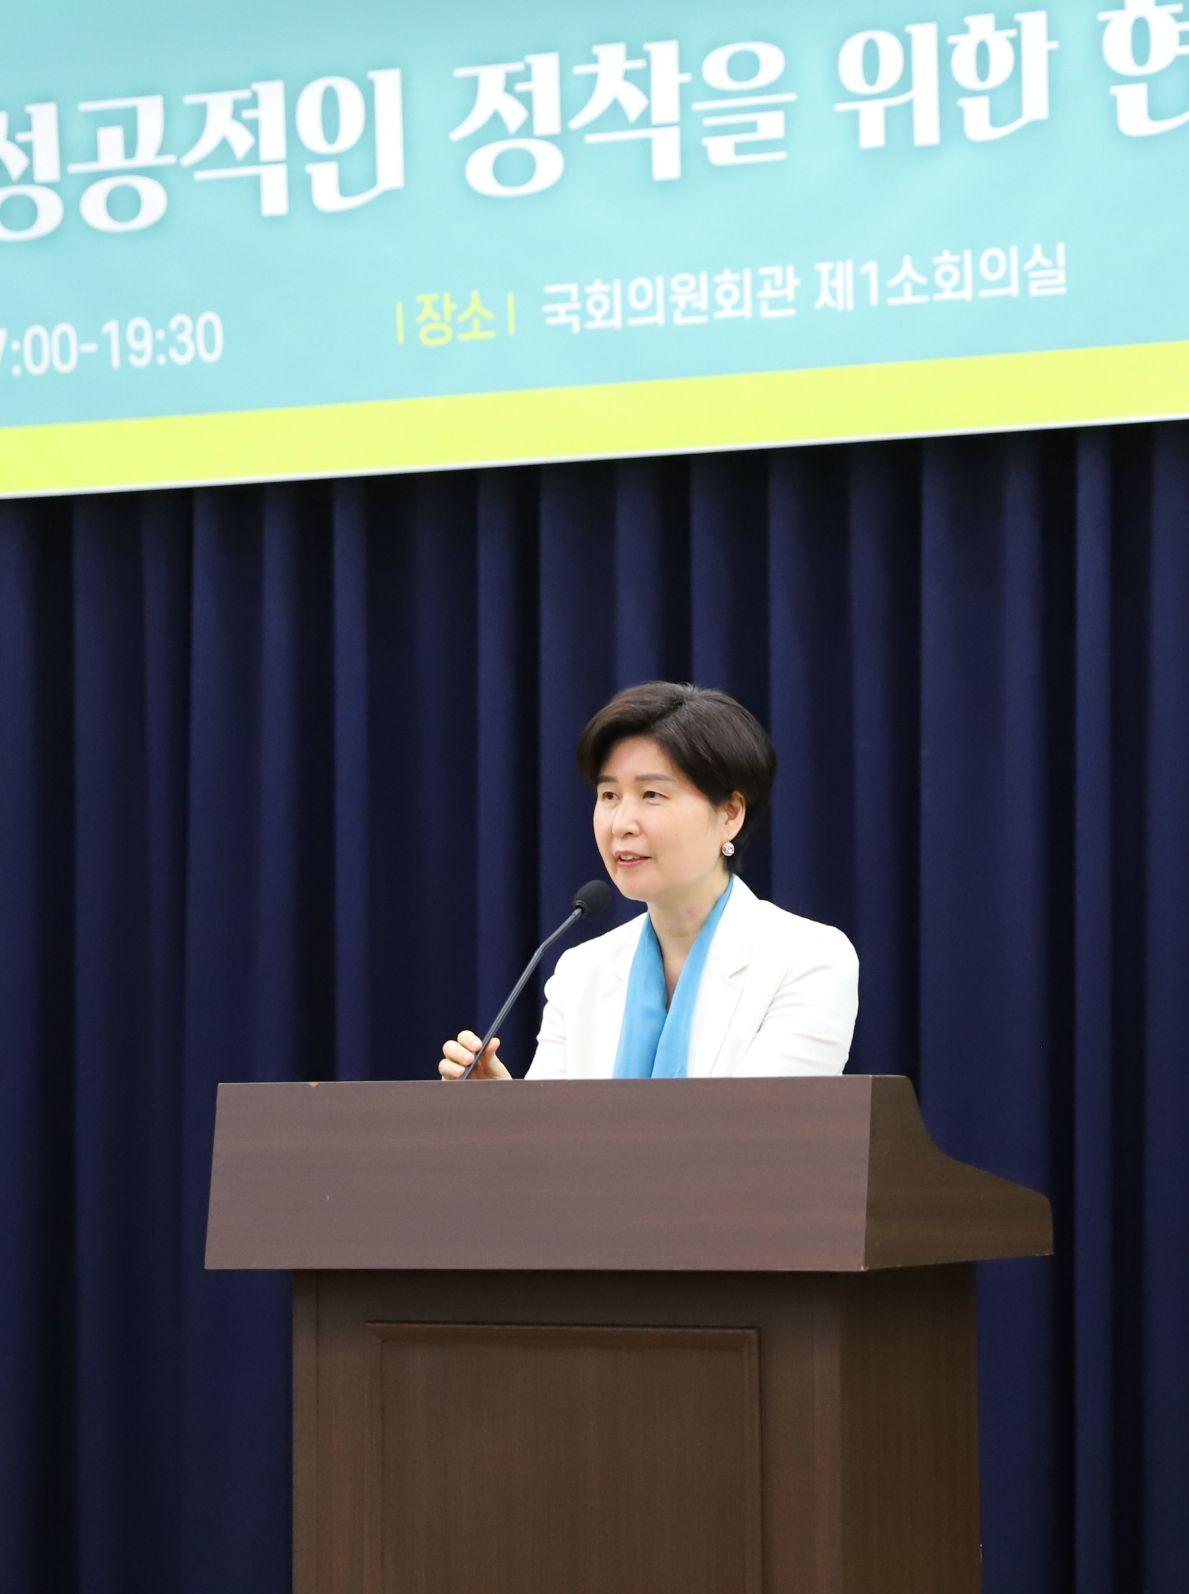 200630 여성이사제 성공적인 정착을 위한 현실적 필요사항과 제도적 개선안 (6).JPG